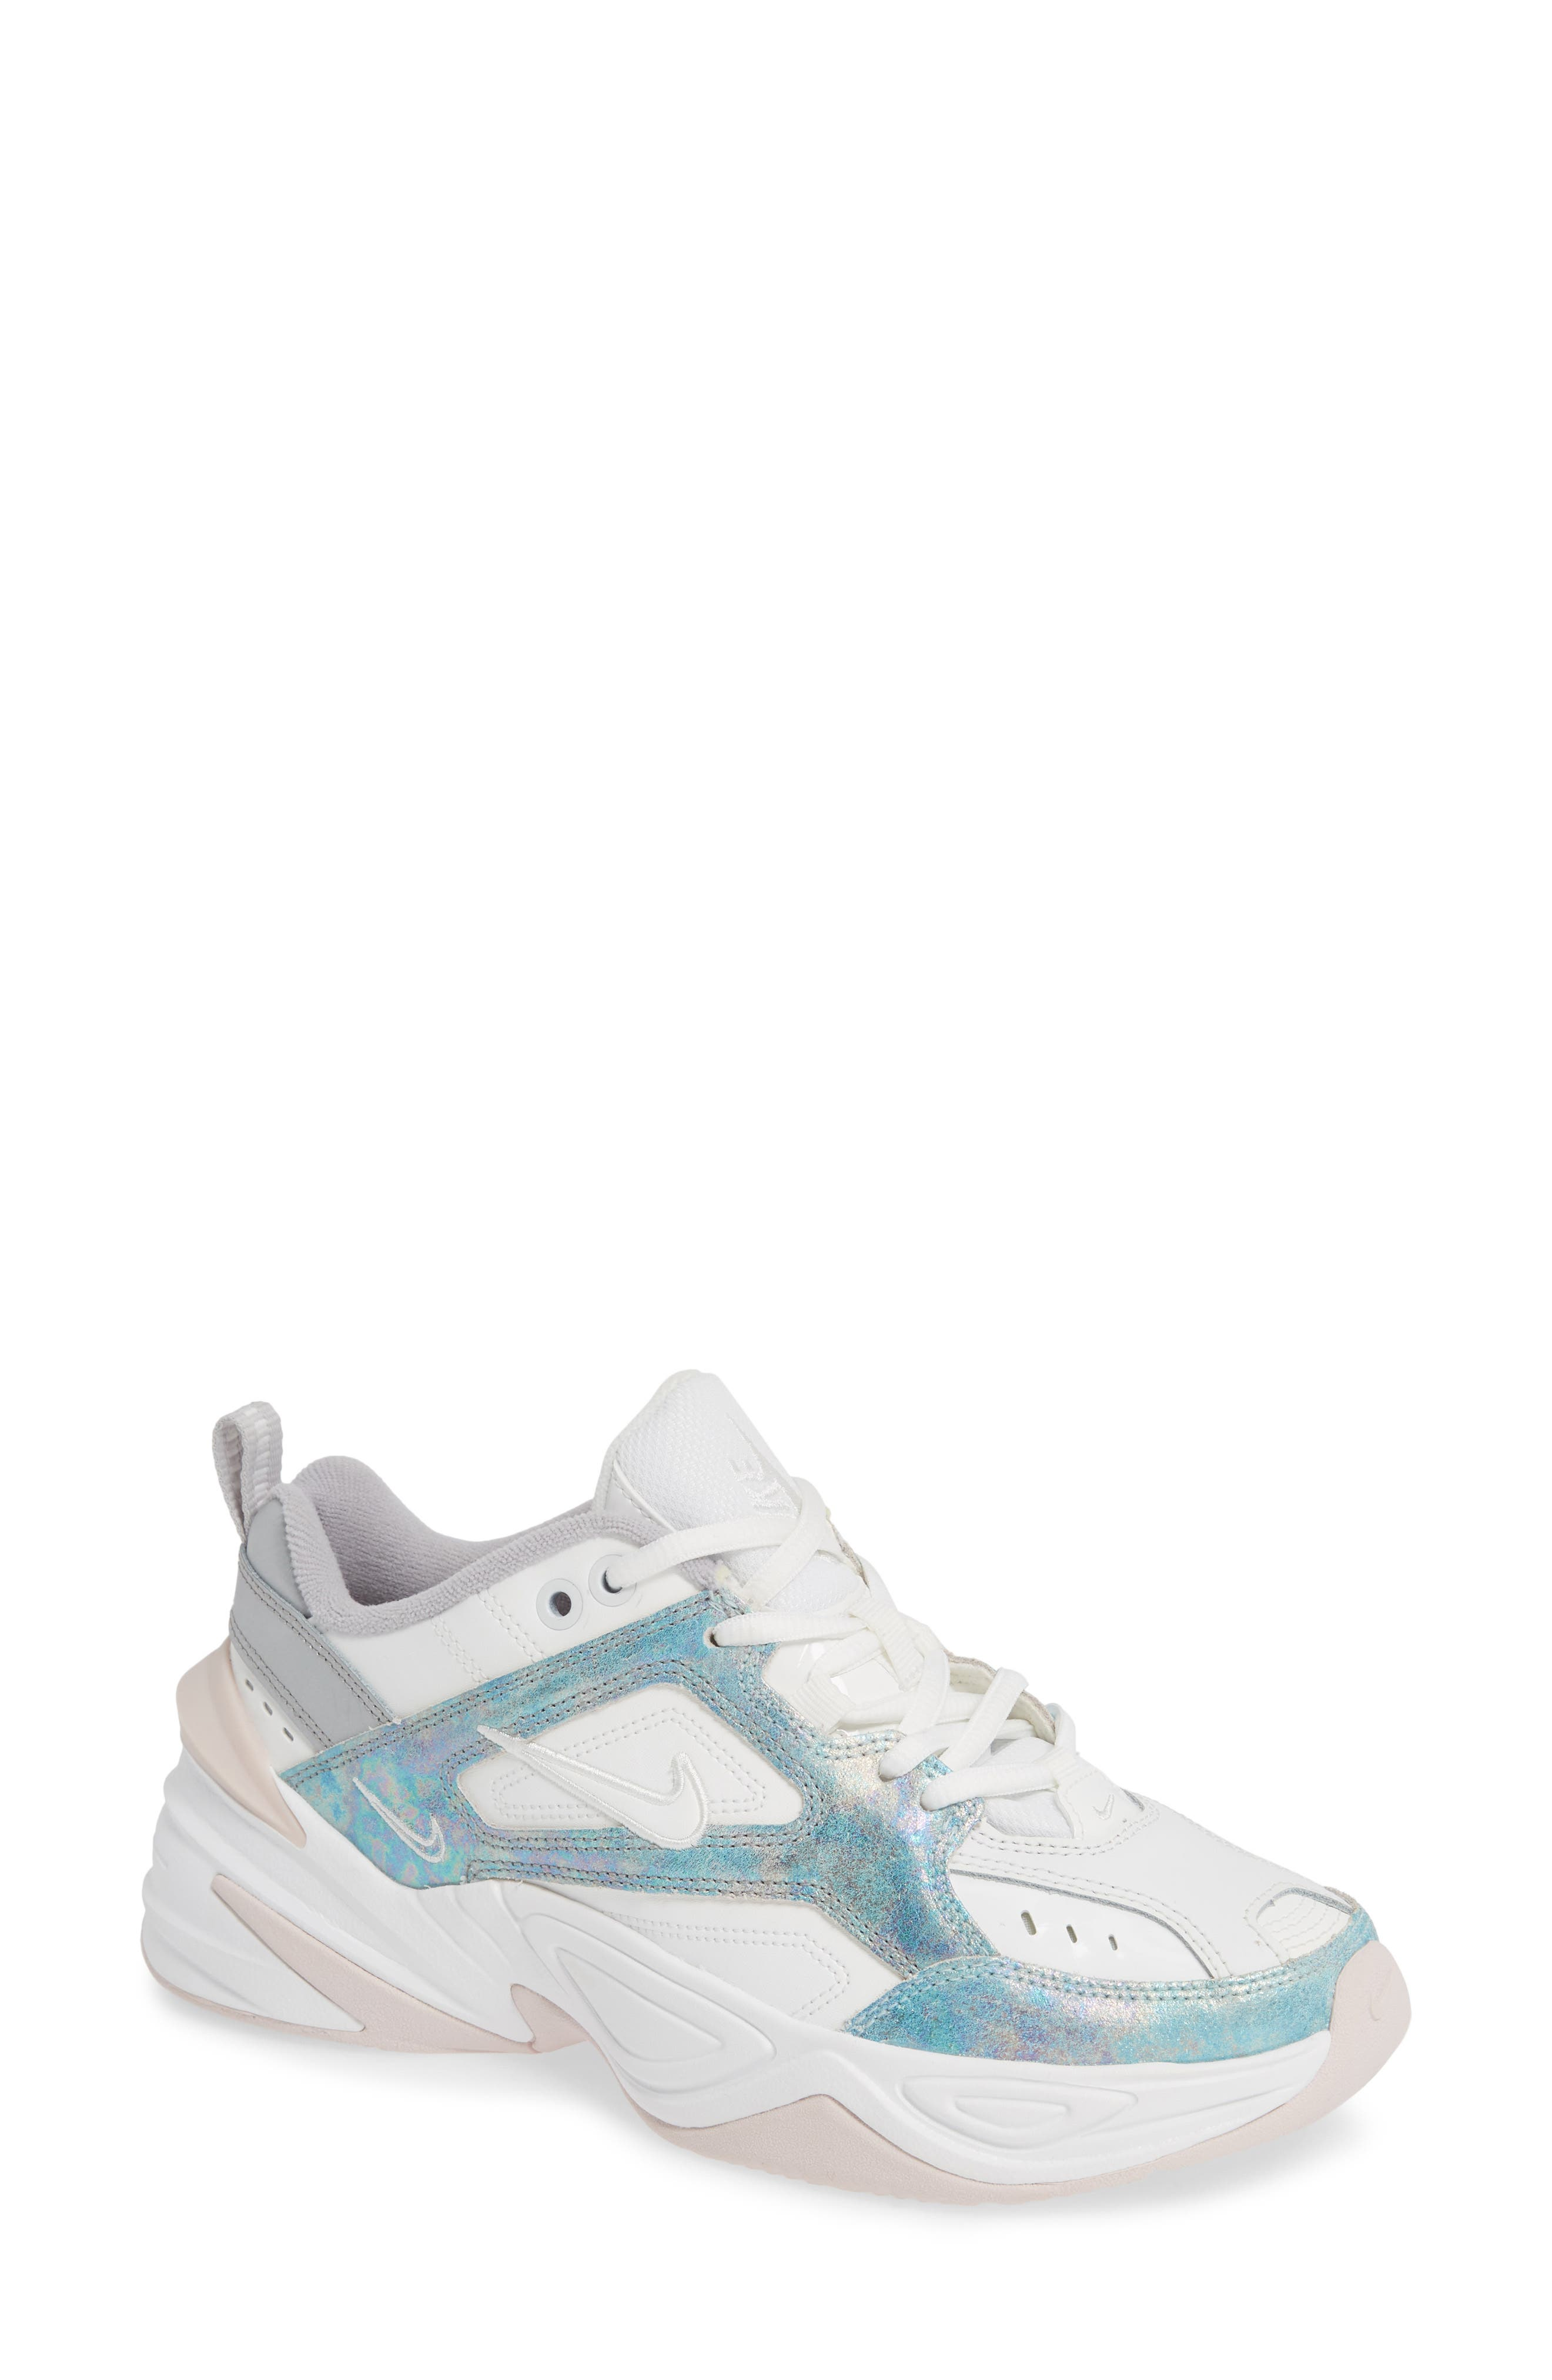 NIKE, M2K Tekno Sneaker, Main thumbnail 1, color, SUMMIT WHITE/ BARELY ROSE